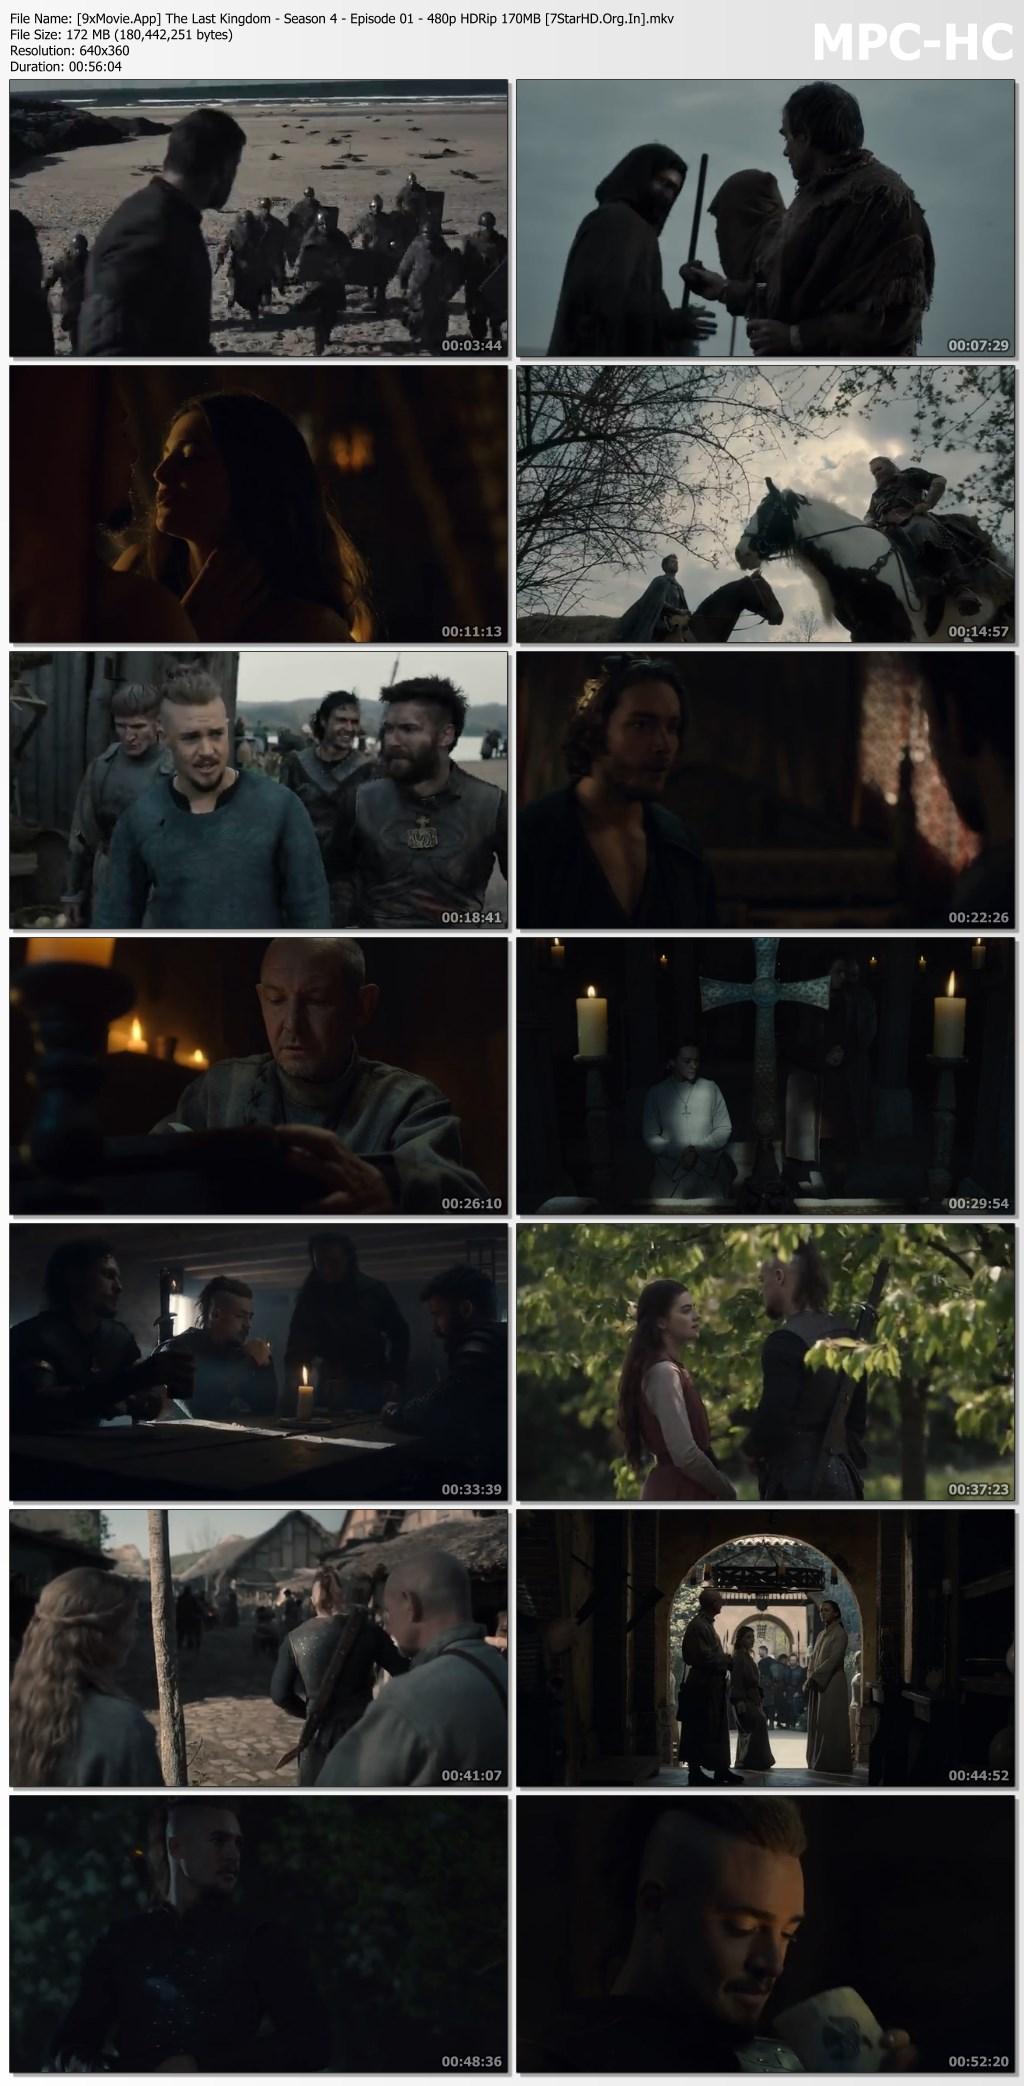 The Last Kingdom 2020 Netflix Hindi S04 Dual Audio 480p HDRip x264 1.4GB MSubs